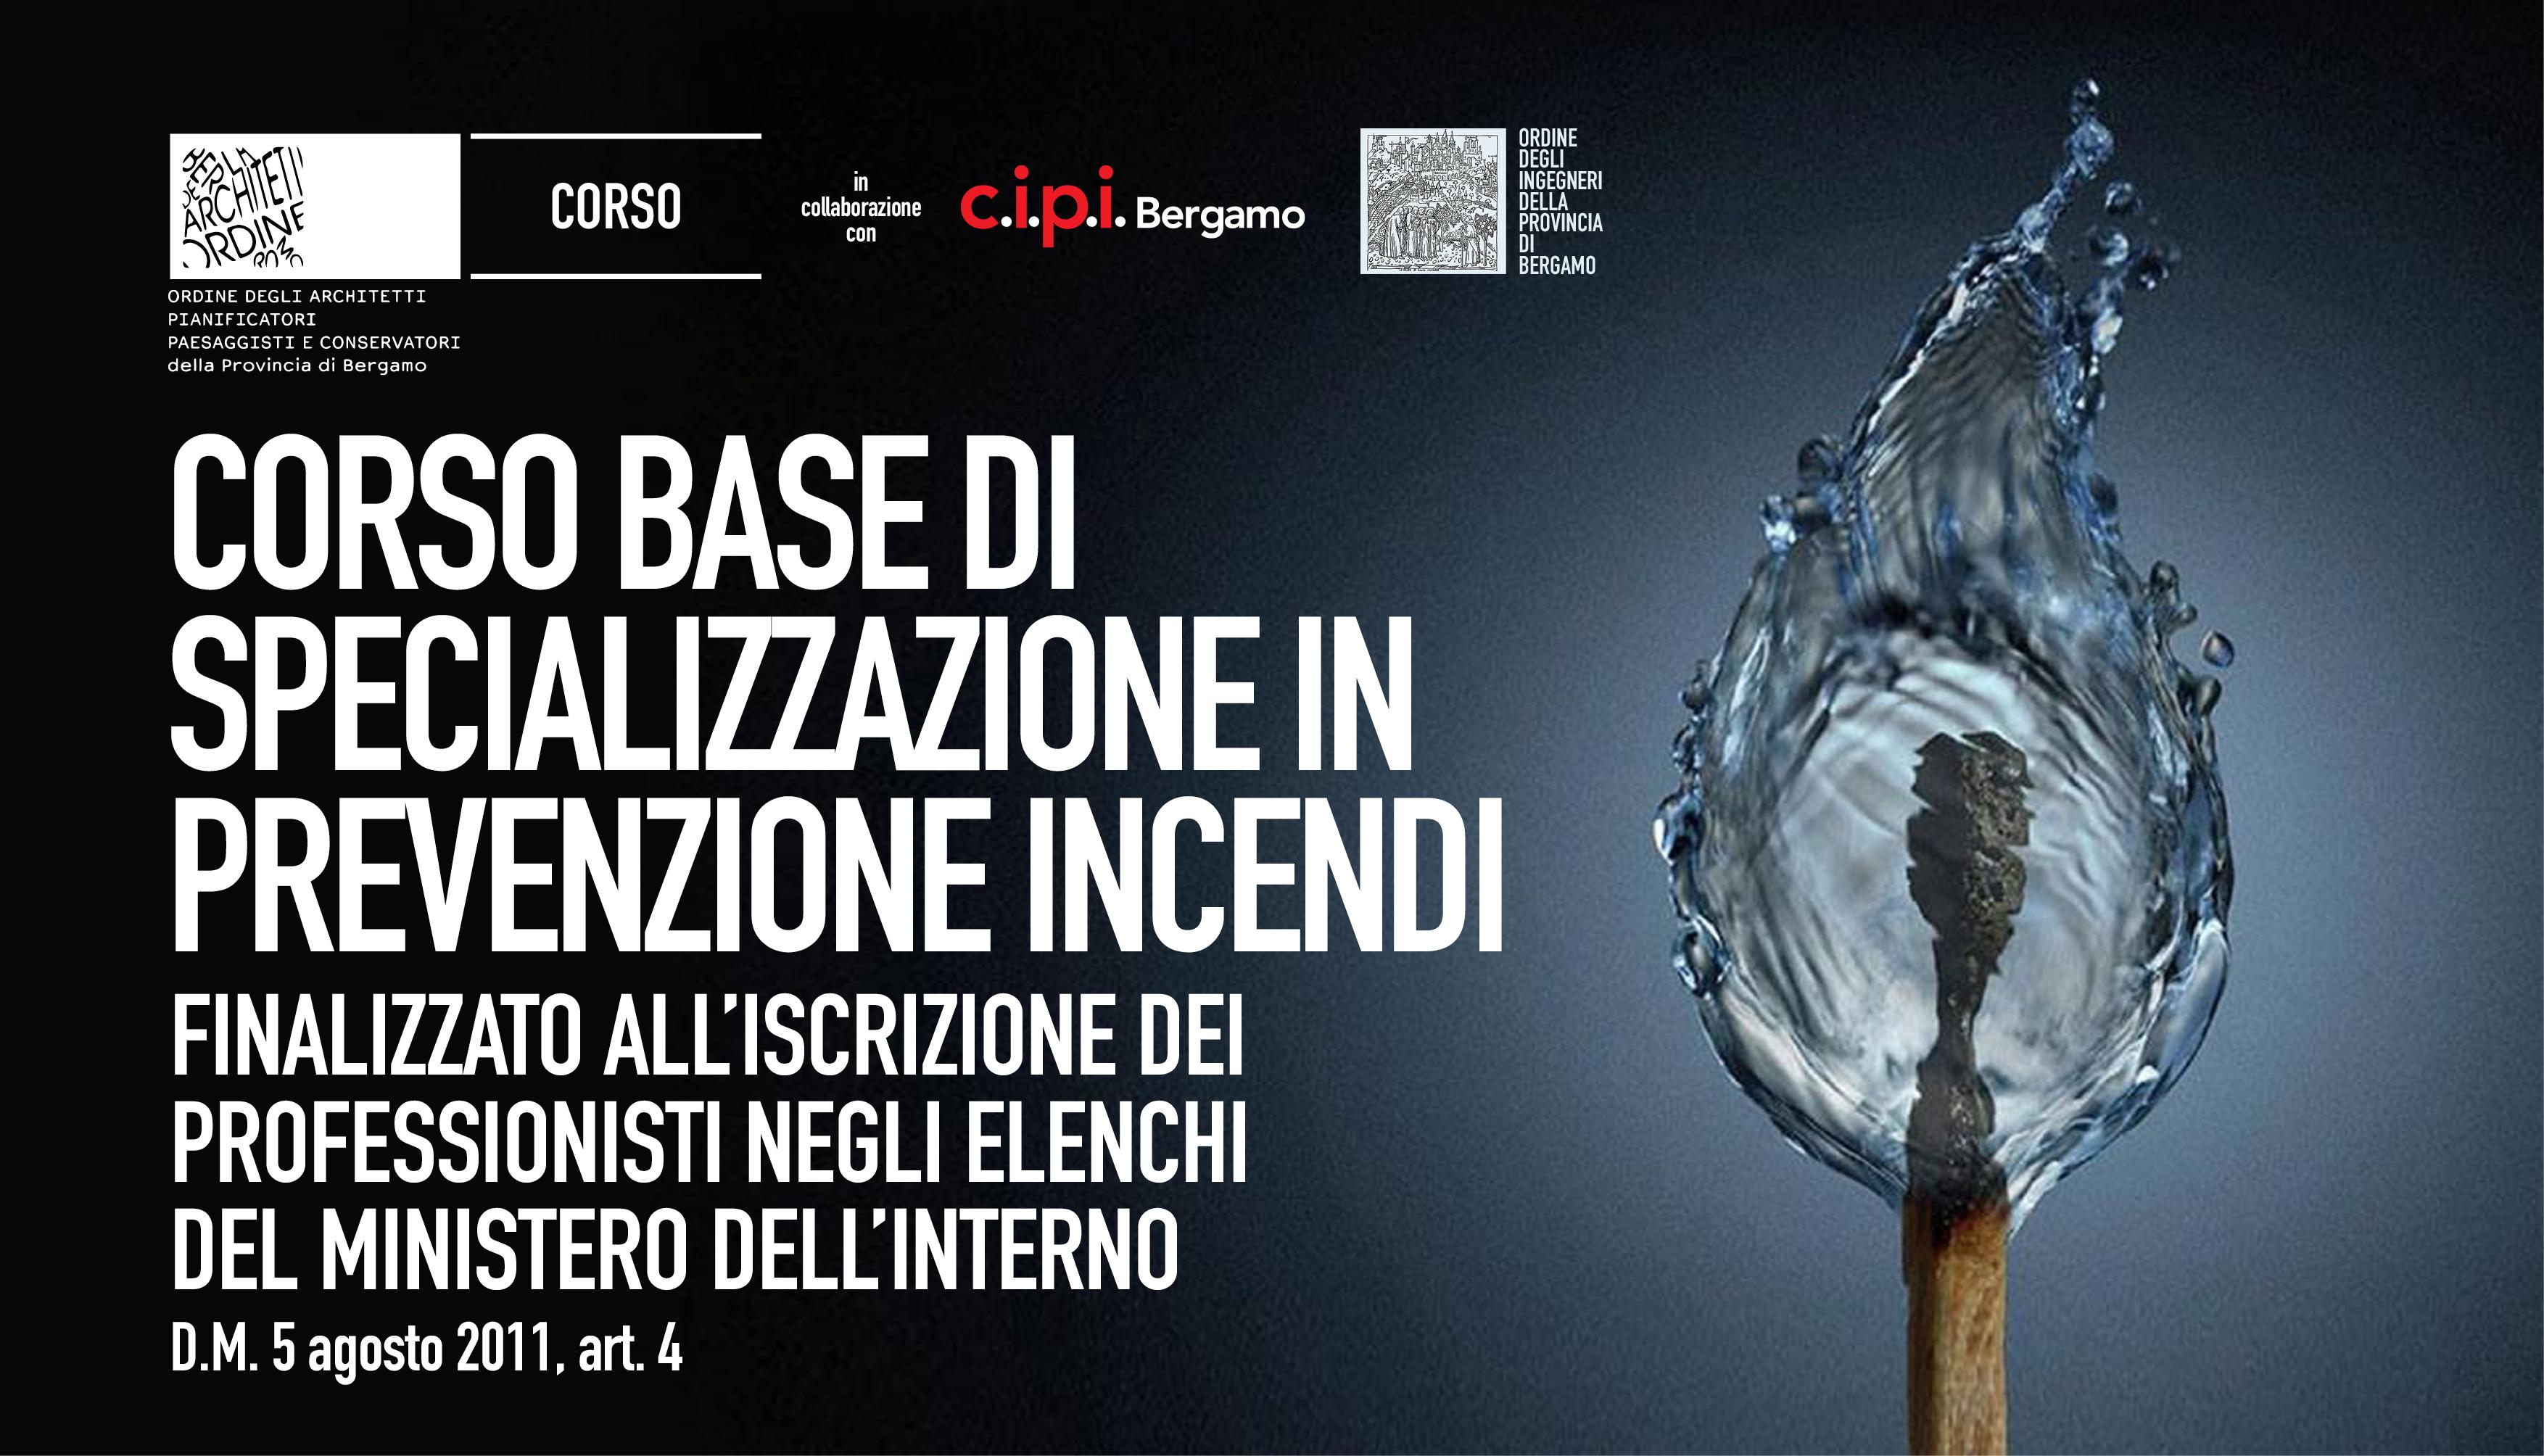 Specializzazione_Prevenzione_Incendi_interno